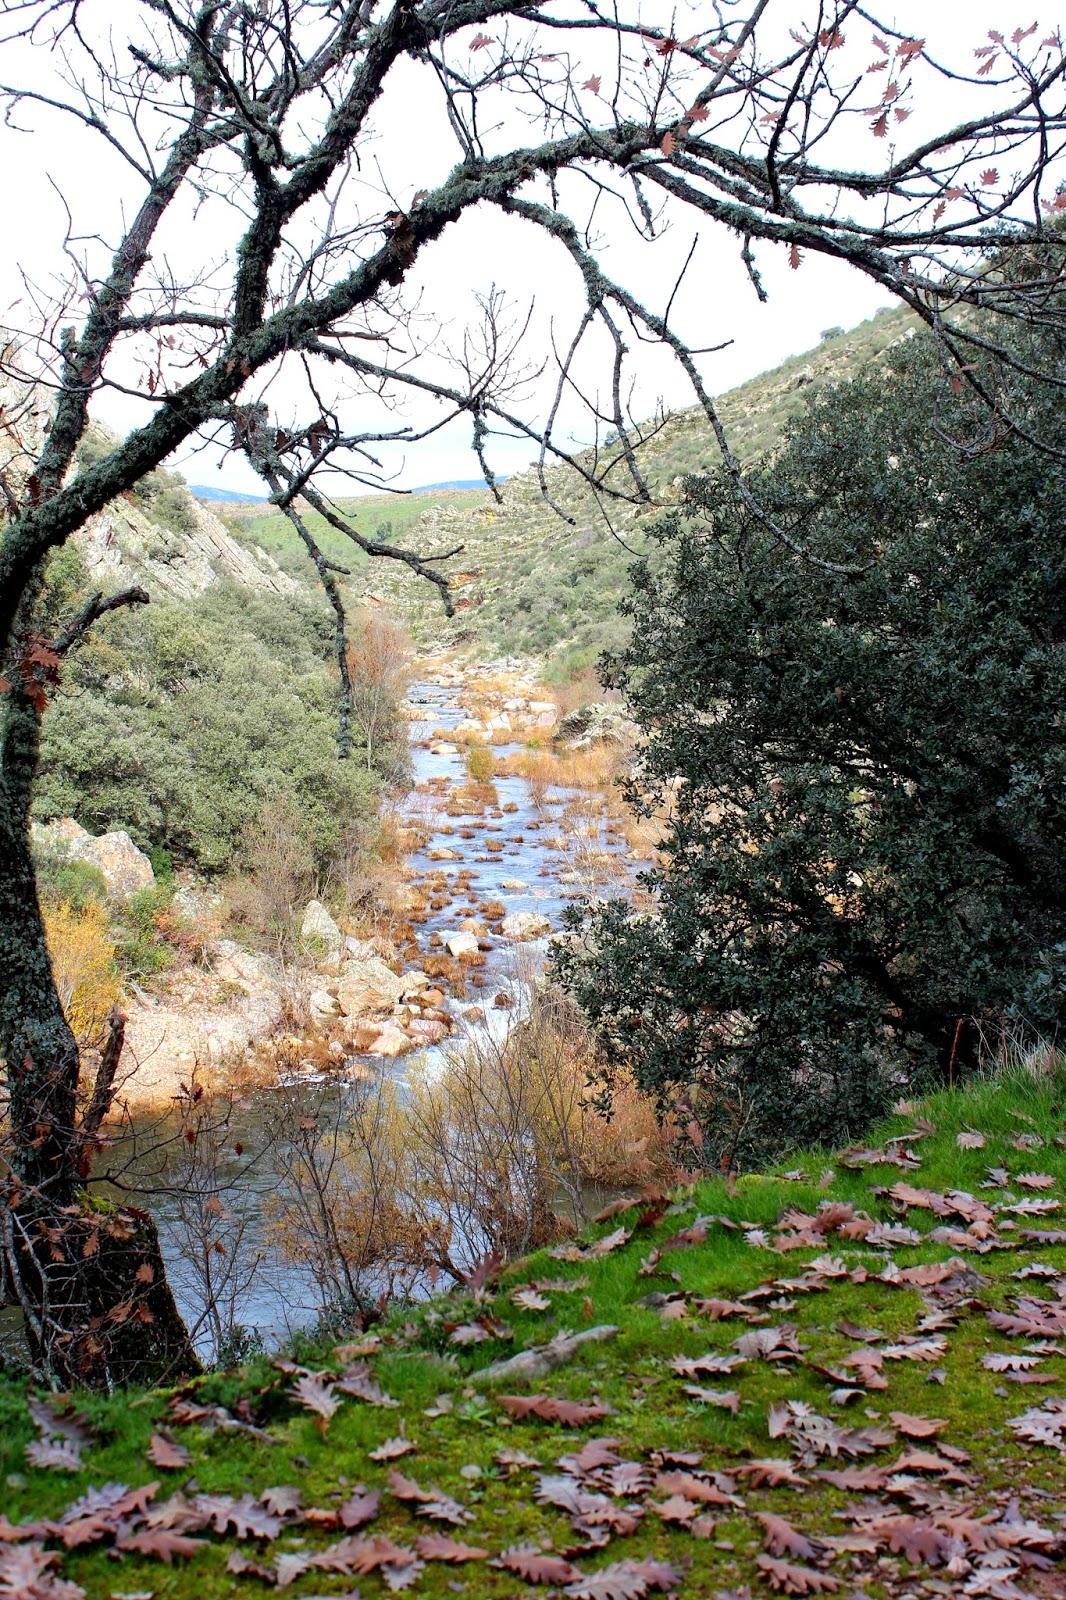 Roble rebollo en la ruta del boquerón de Estena-Cabañeros